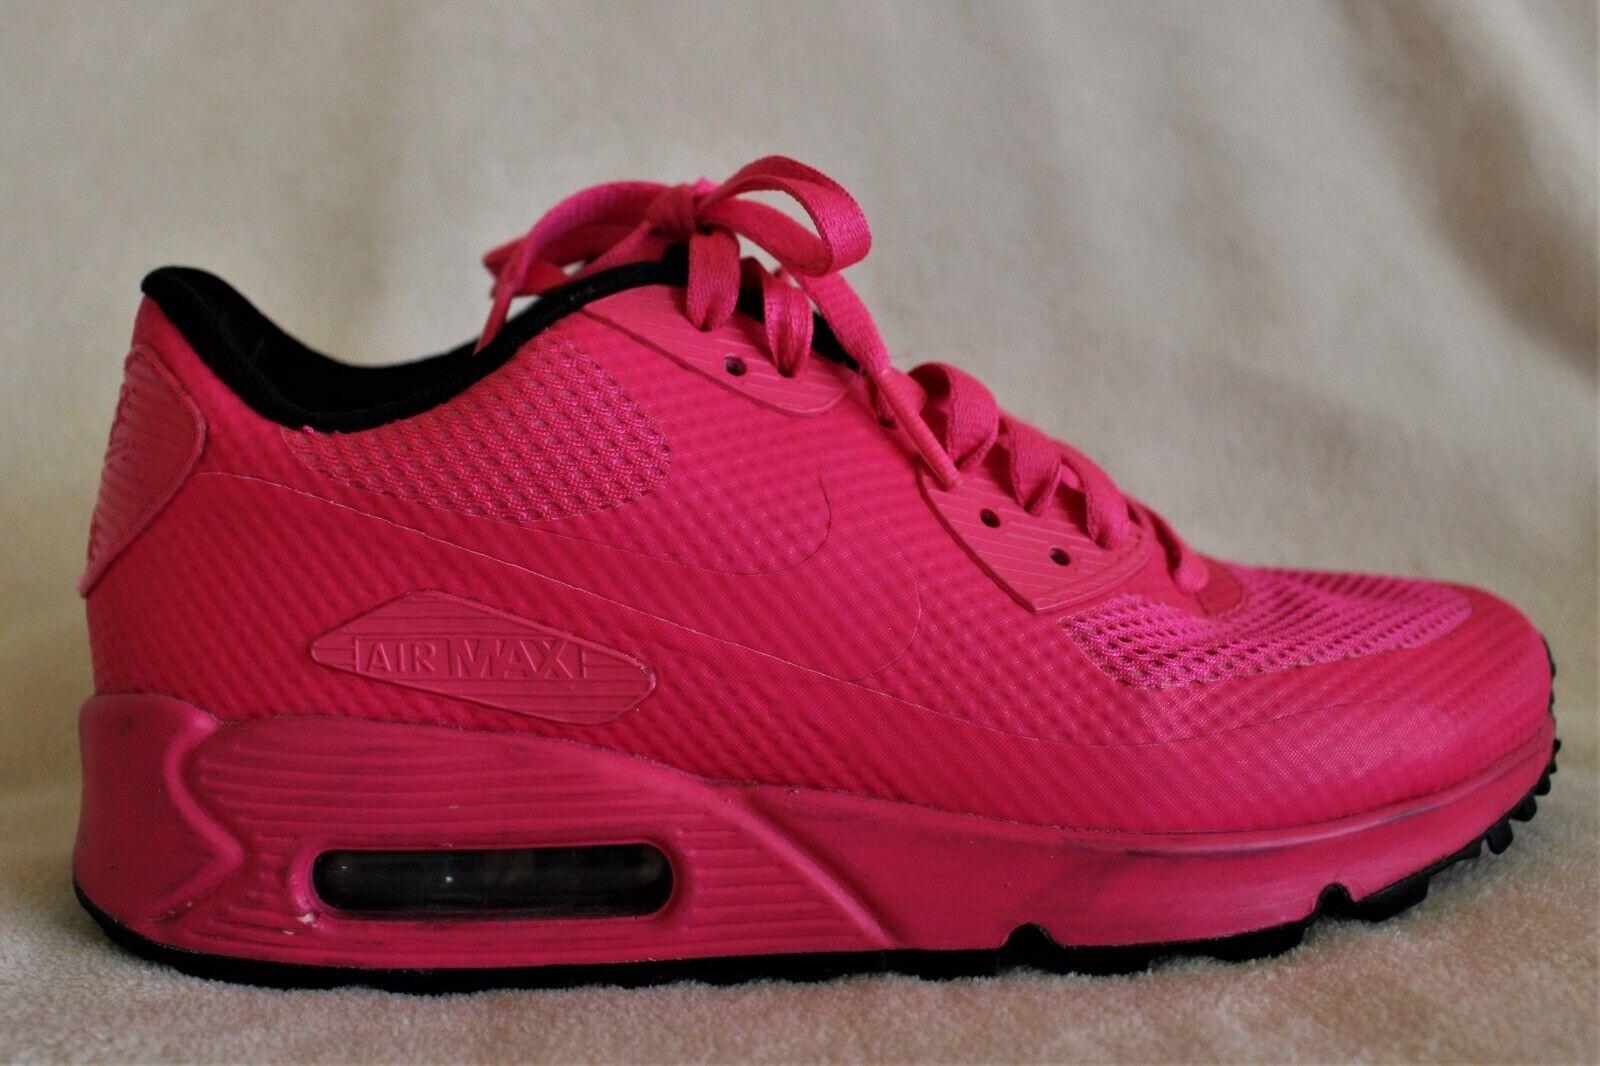 Women's Nike Air Max 90 Hyperfuse ID Hot Pink NIKEid Air Max sz 5.5  822578-997